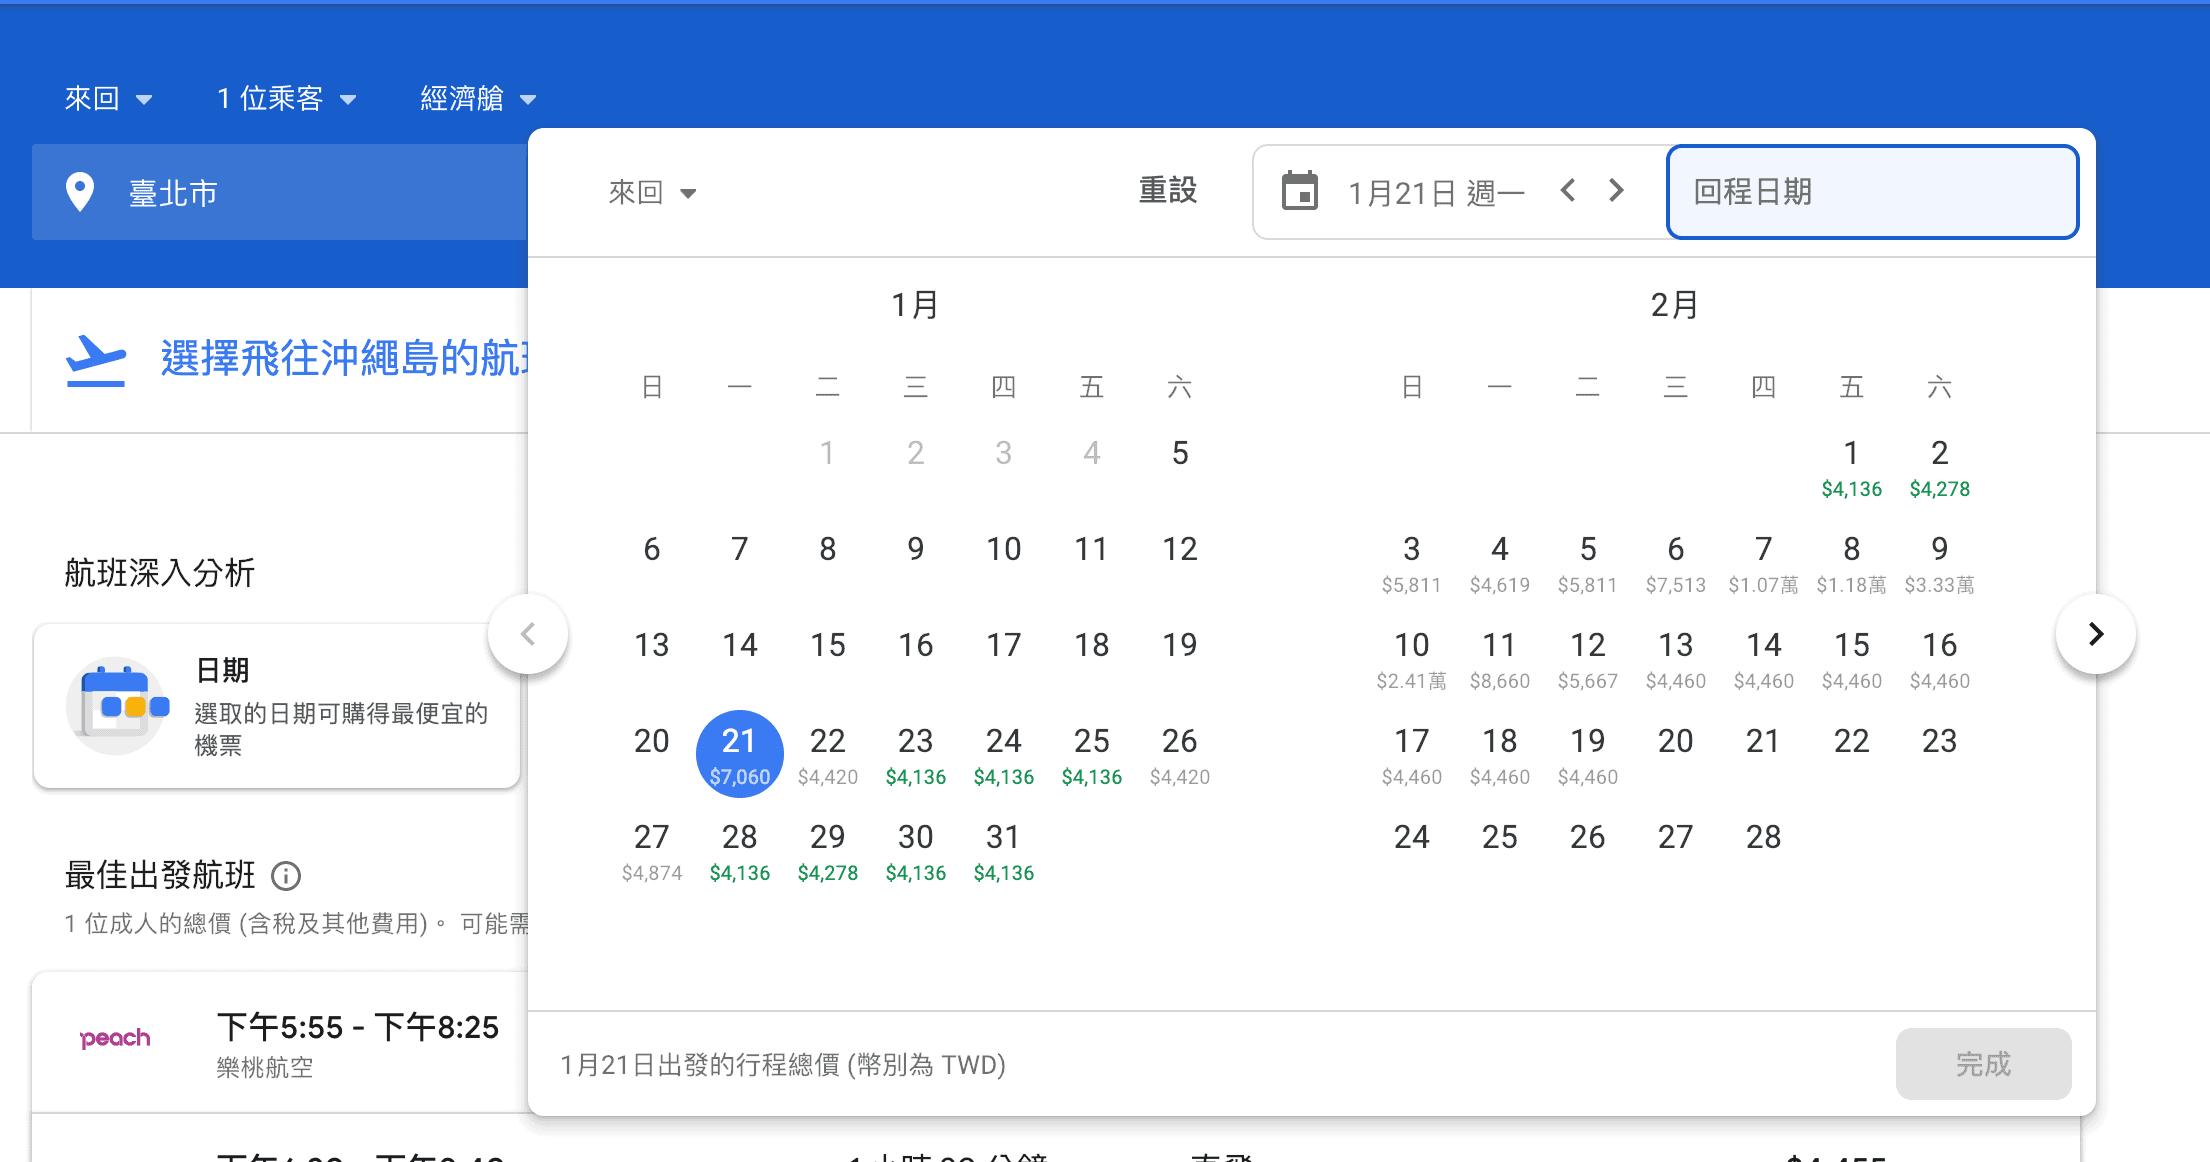 Google Flights 選擇去程日期後,可以看到不同回程日期的價格,非常方便啊~(研究生的點數旅行筆記)